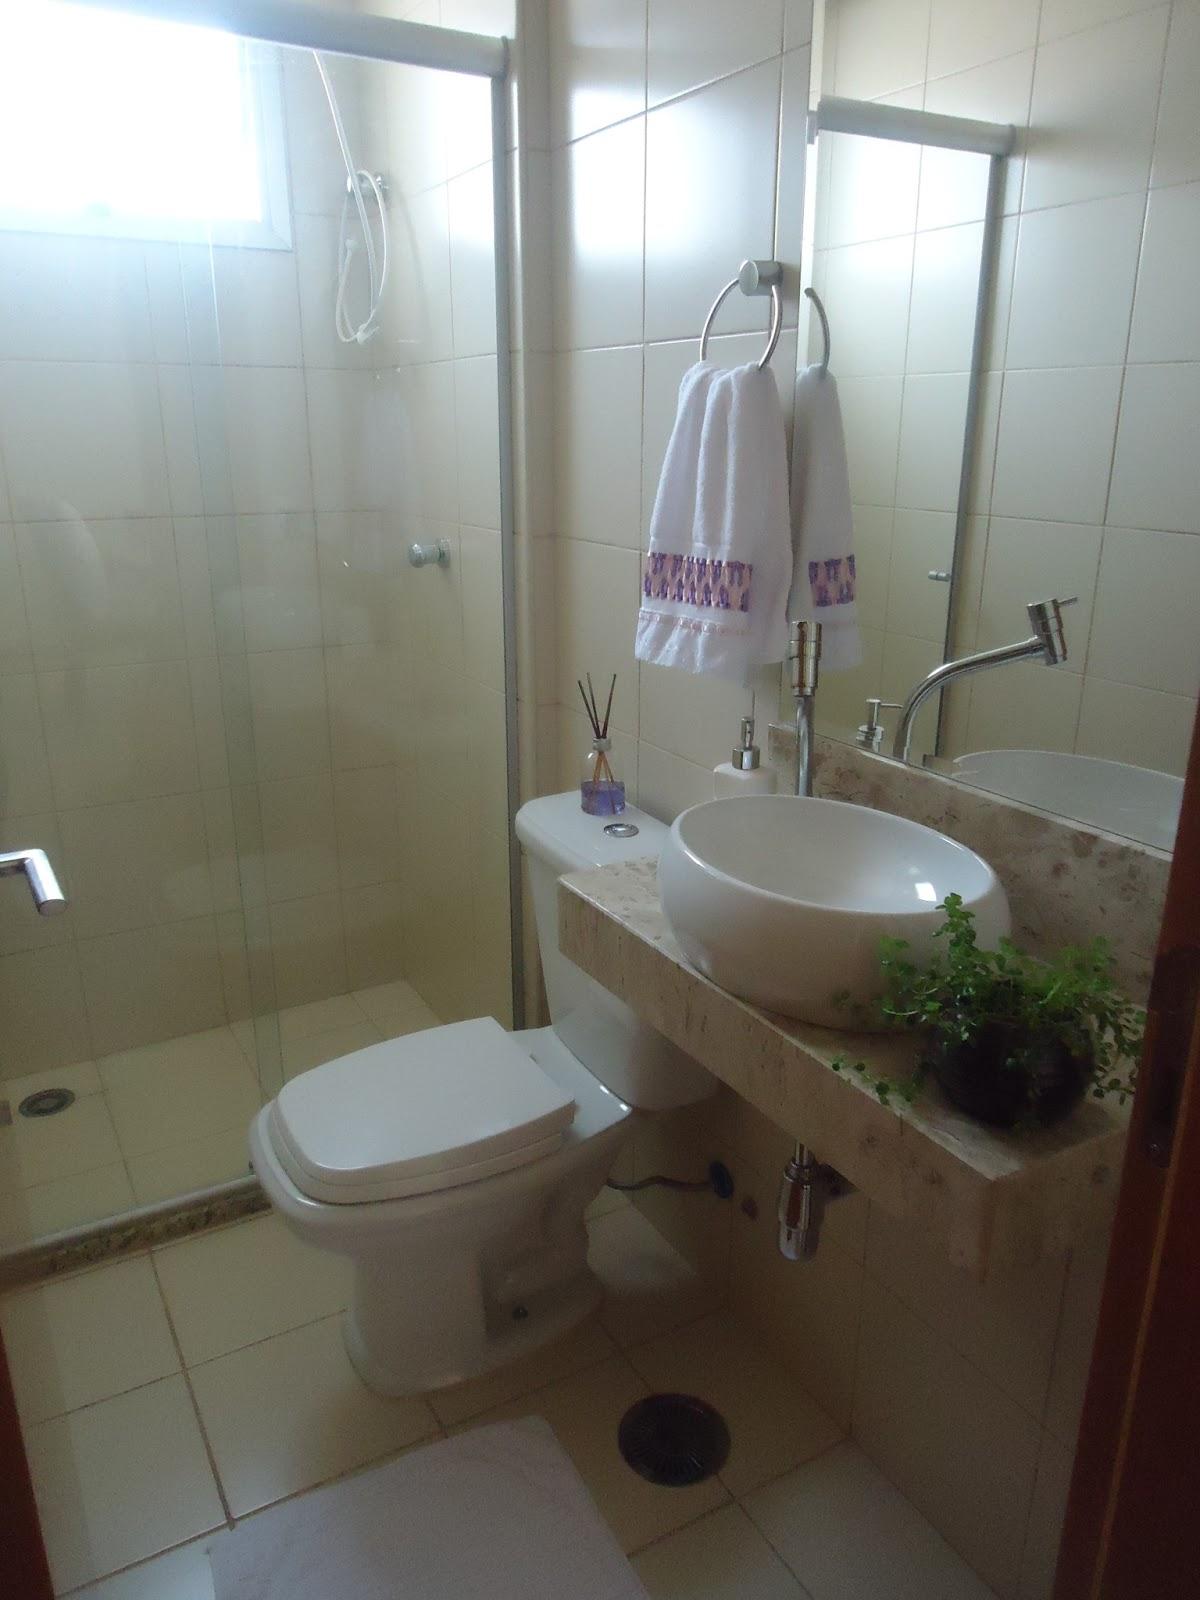 rodinha visto que facilita no momento de limpar. Também gostei da #3A2F24 1200x1600 Armario Banheiro Com Rodinhas